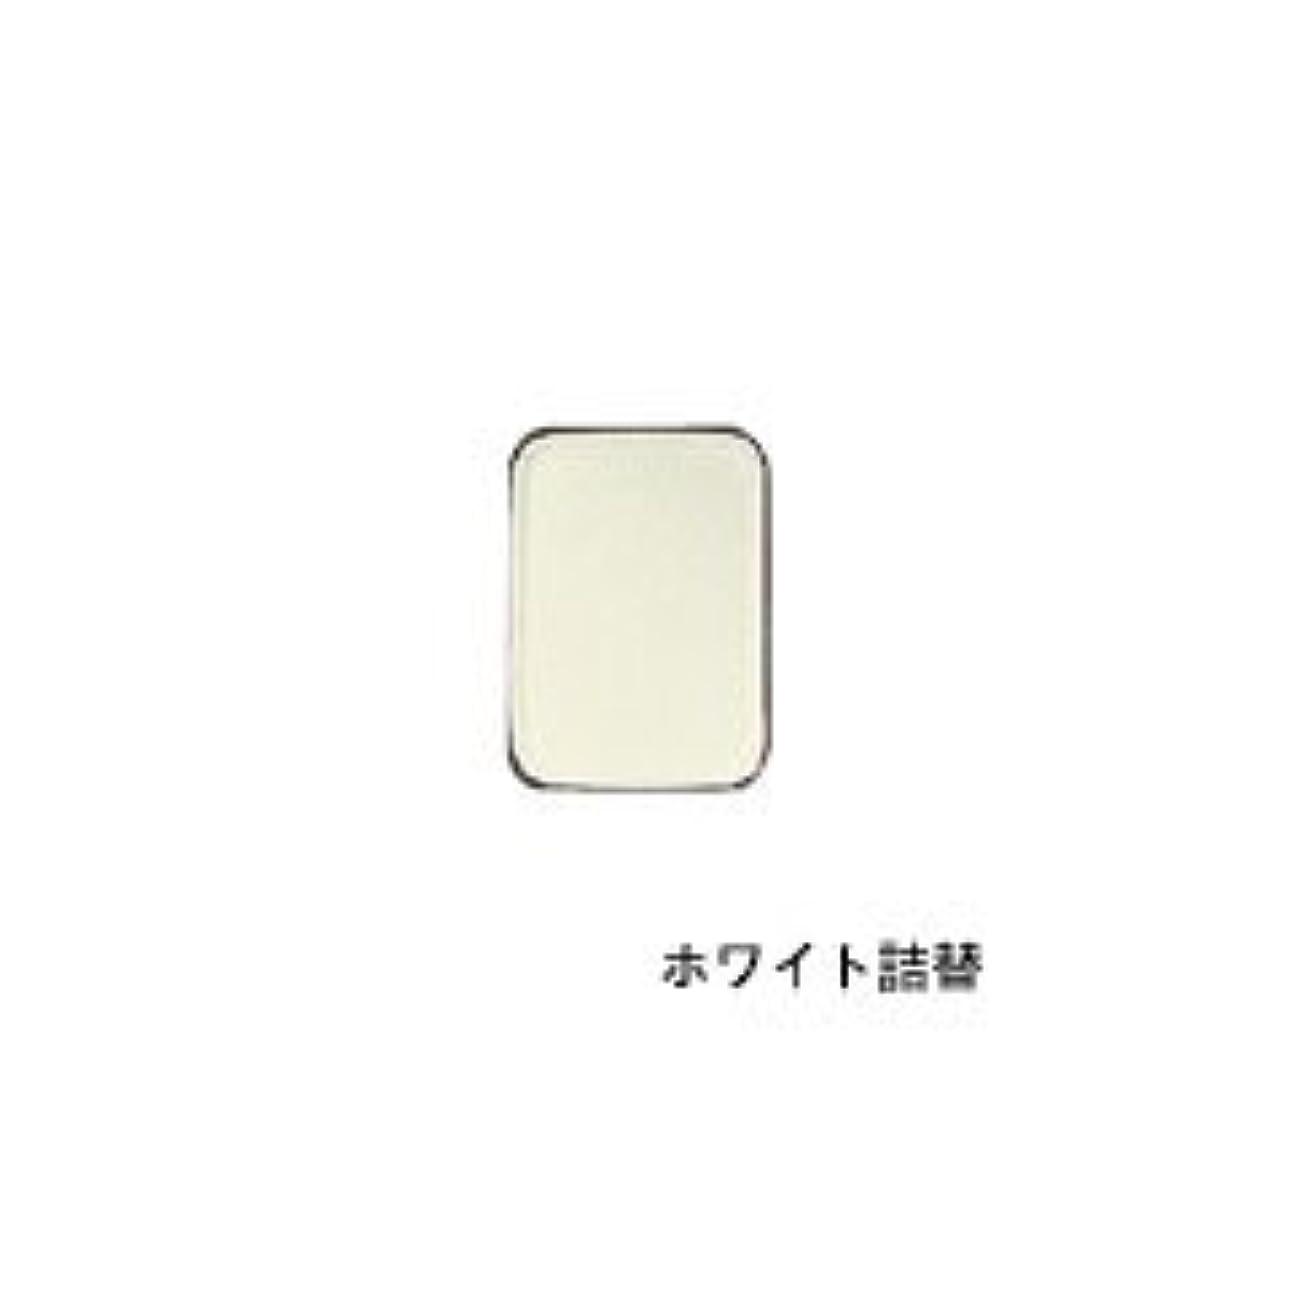 文明化引き算生じるリマナチュラル ピュアアイカラー 詰替用 ホワイト×2個       JAN:4514991230439